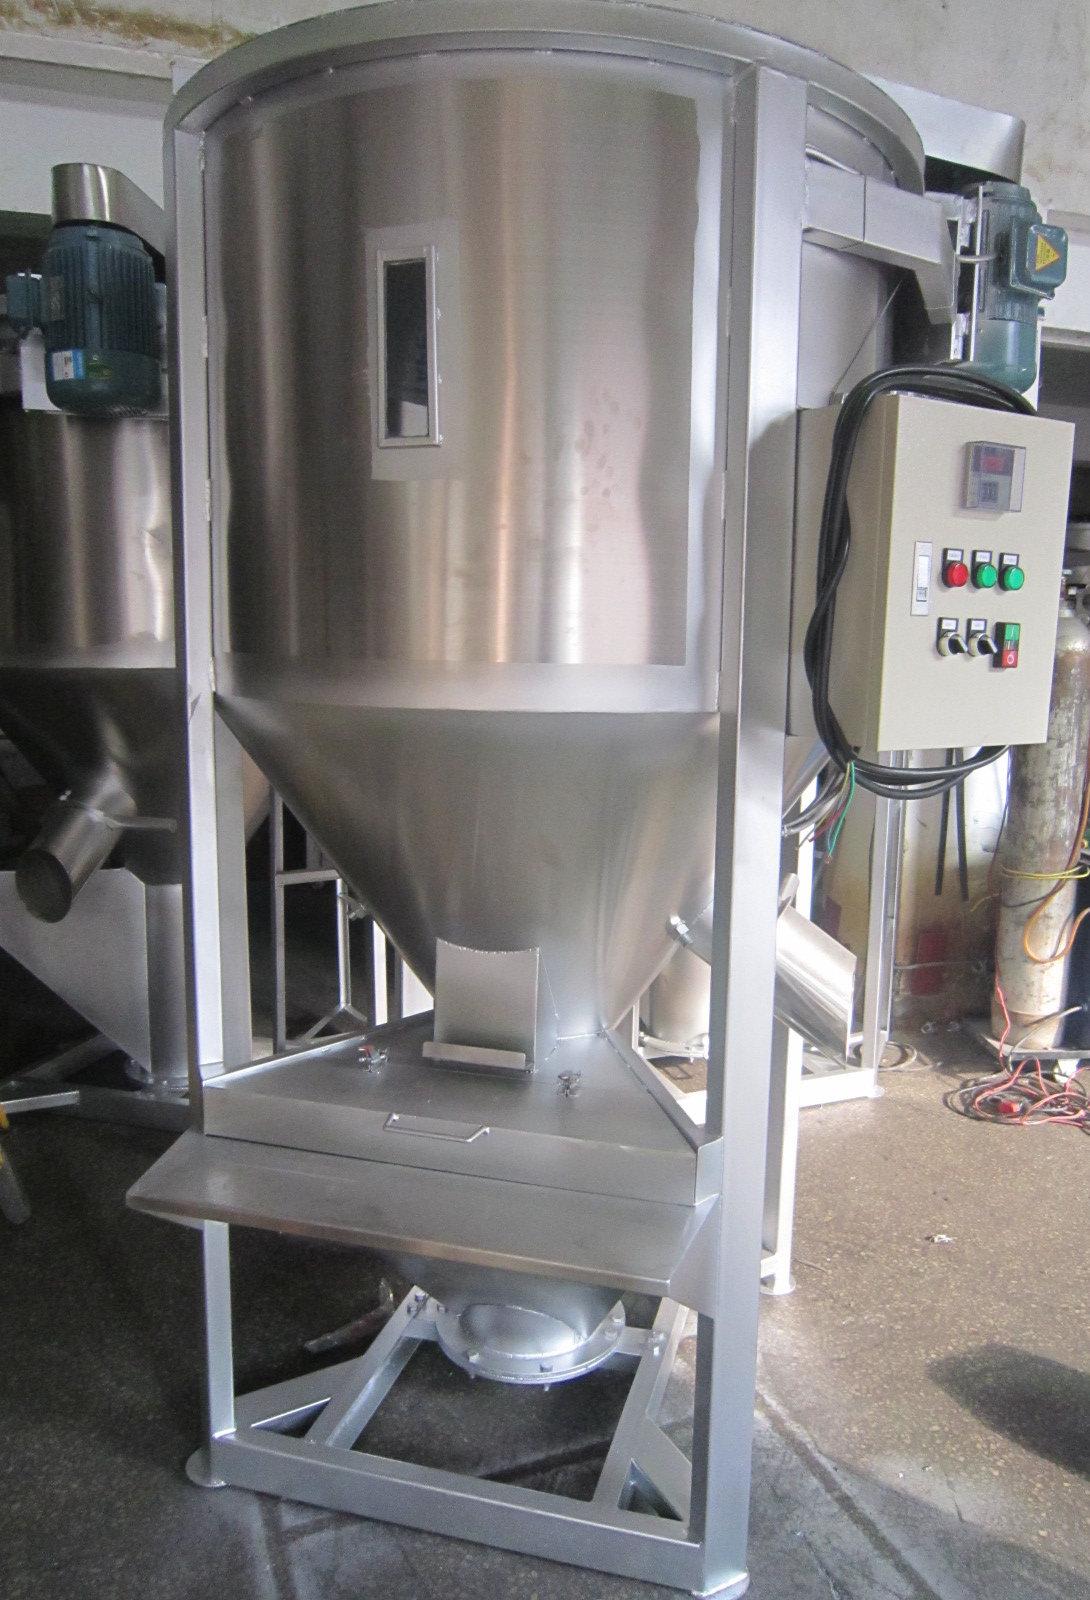 塑料混料机用途 1.塑料混料机,在塑料行业中用于塑料颗粒混合,使不同塑料混合均匀,采用减速电机,并且使塑料混料机在混合的过程中不产生物料的溶解、挥发或变质。 塑料混料机结构特征 1.整体机座,结构坚固、运转平稳,搅拌桨叶及物料接触处全用不锈钢制成,有良好的耐腐蚀性,保持物料的质量和清洁,不致变色。 2.